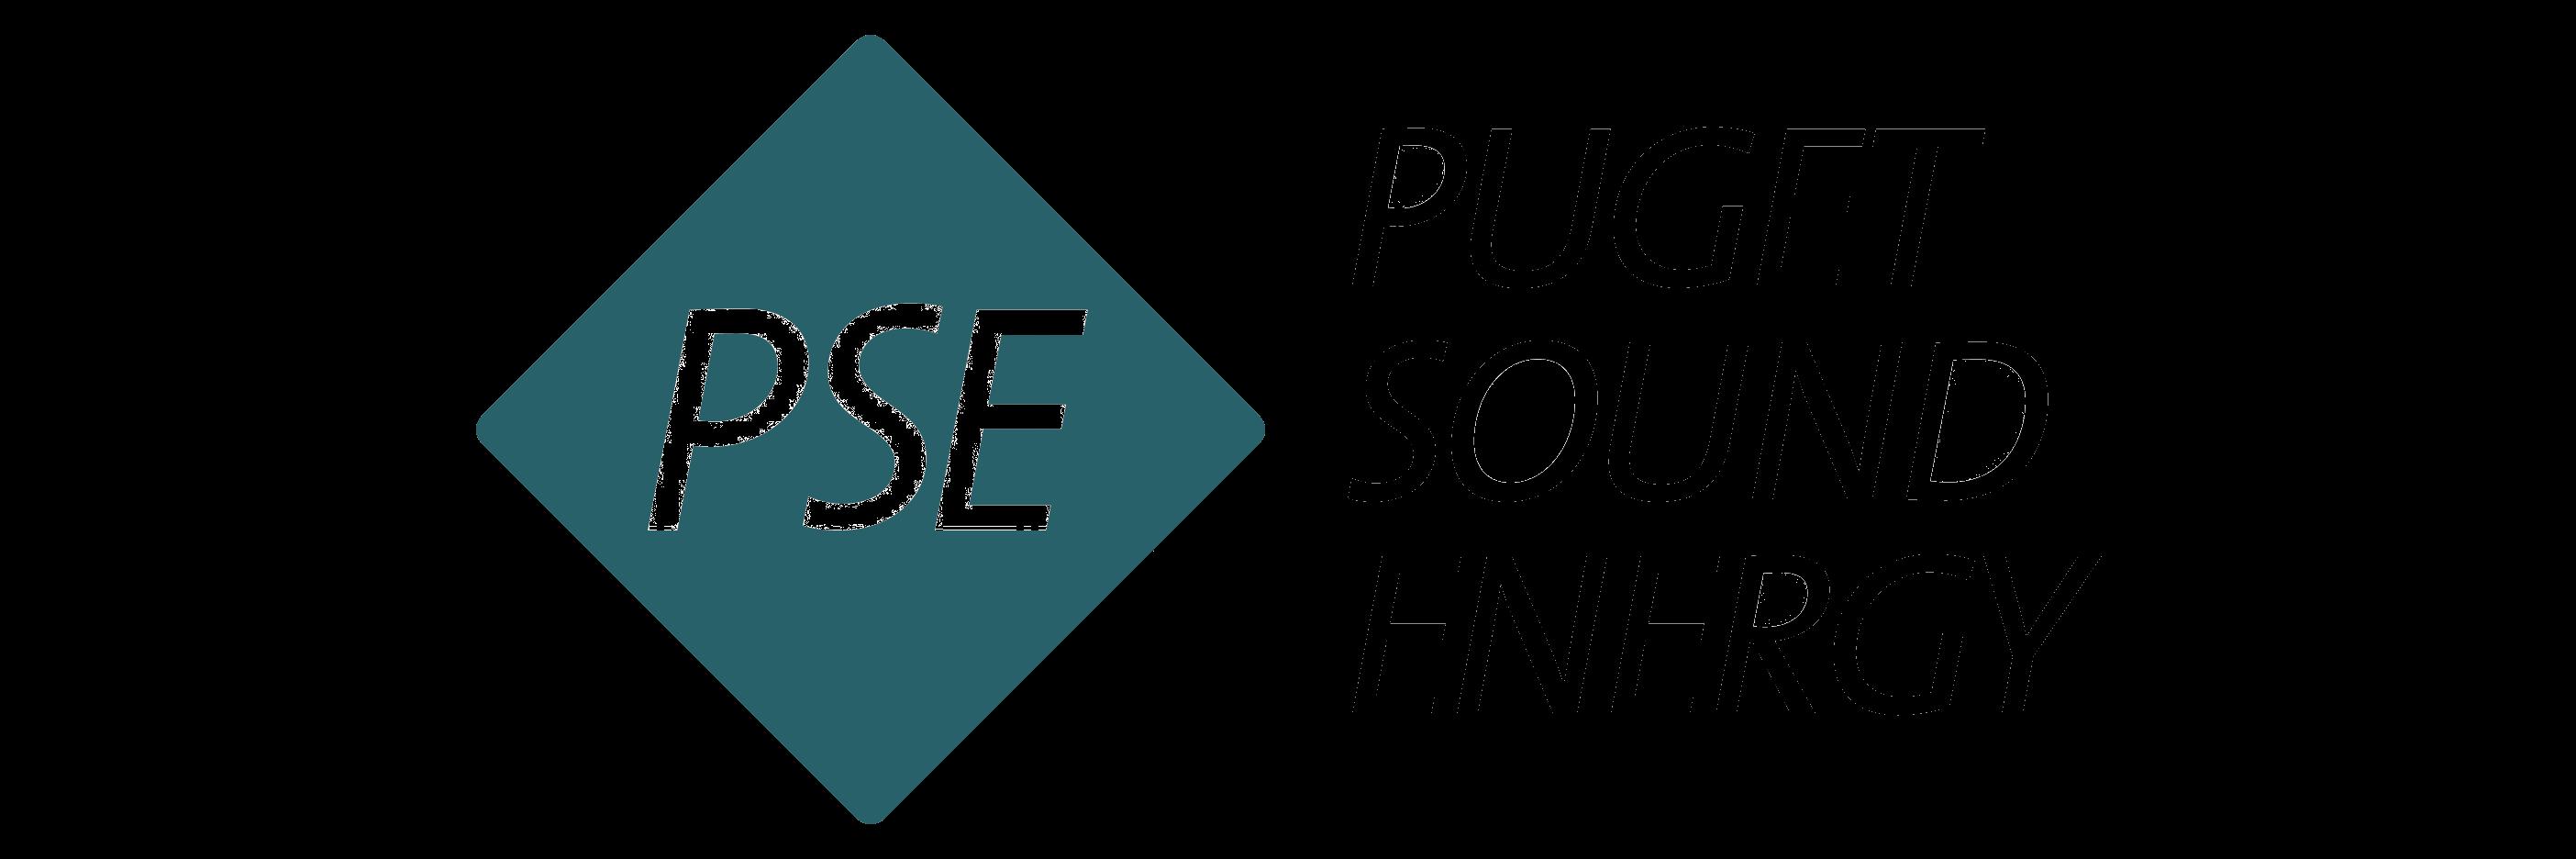 LOGO puget-sound-energy